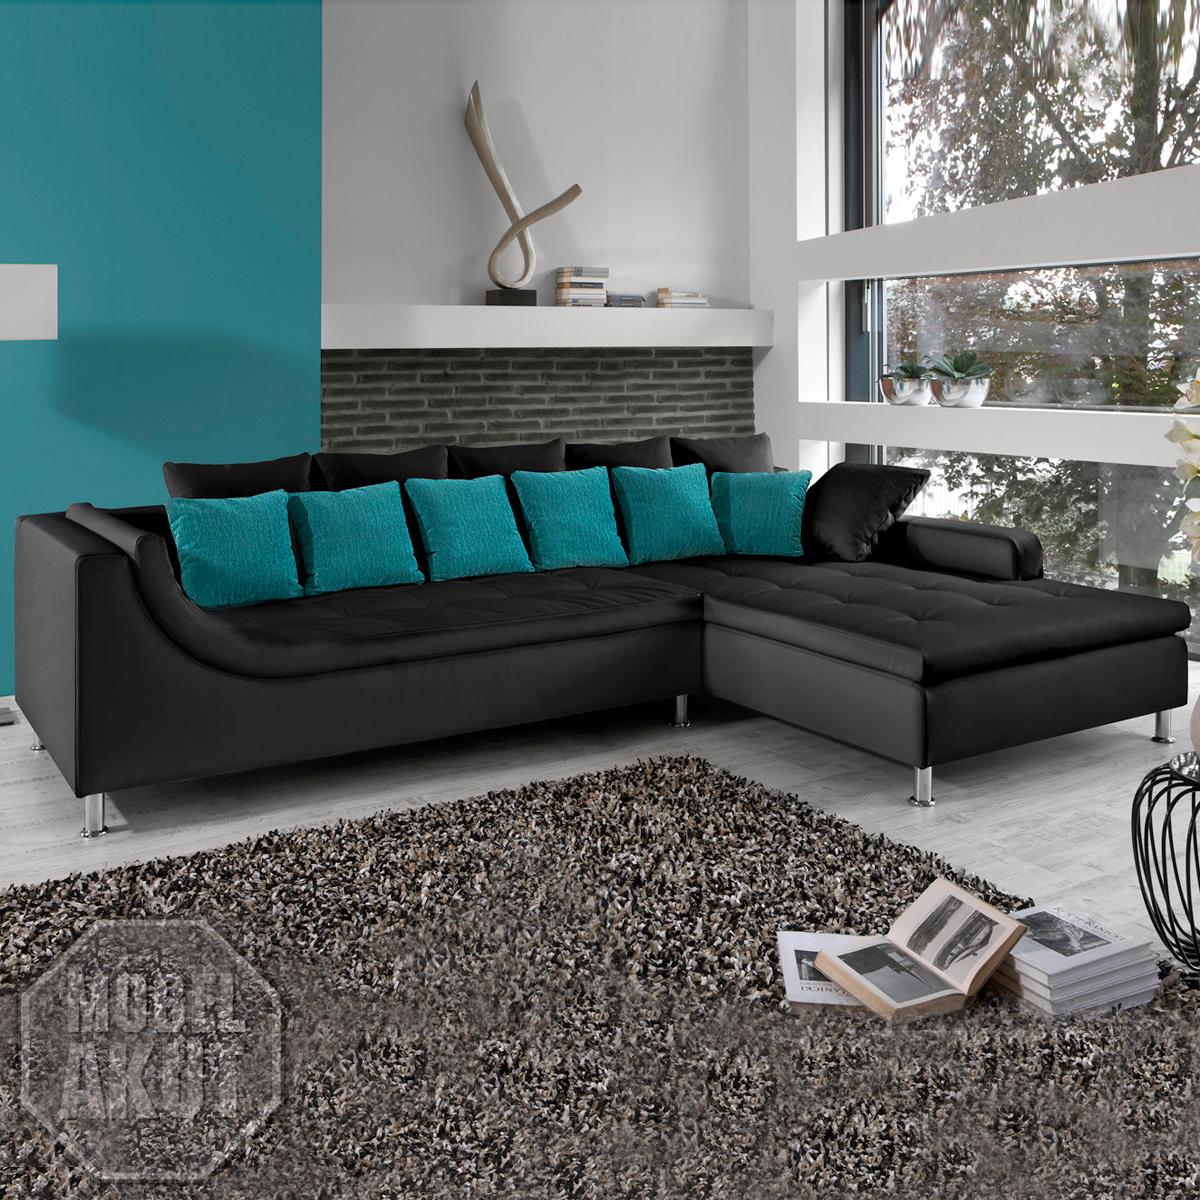 wohnlandschaft moreno sofa schwarz petrol t rkis neu. Black Bedroom Furniture Sets. Home Design Ideas